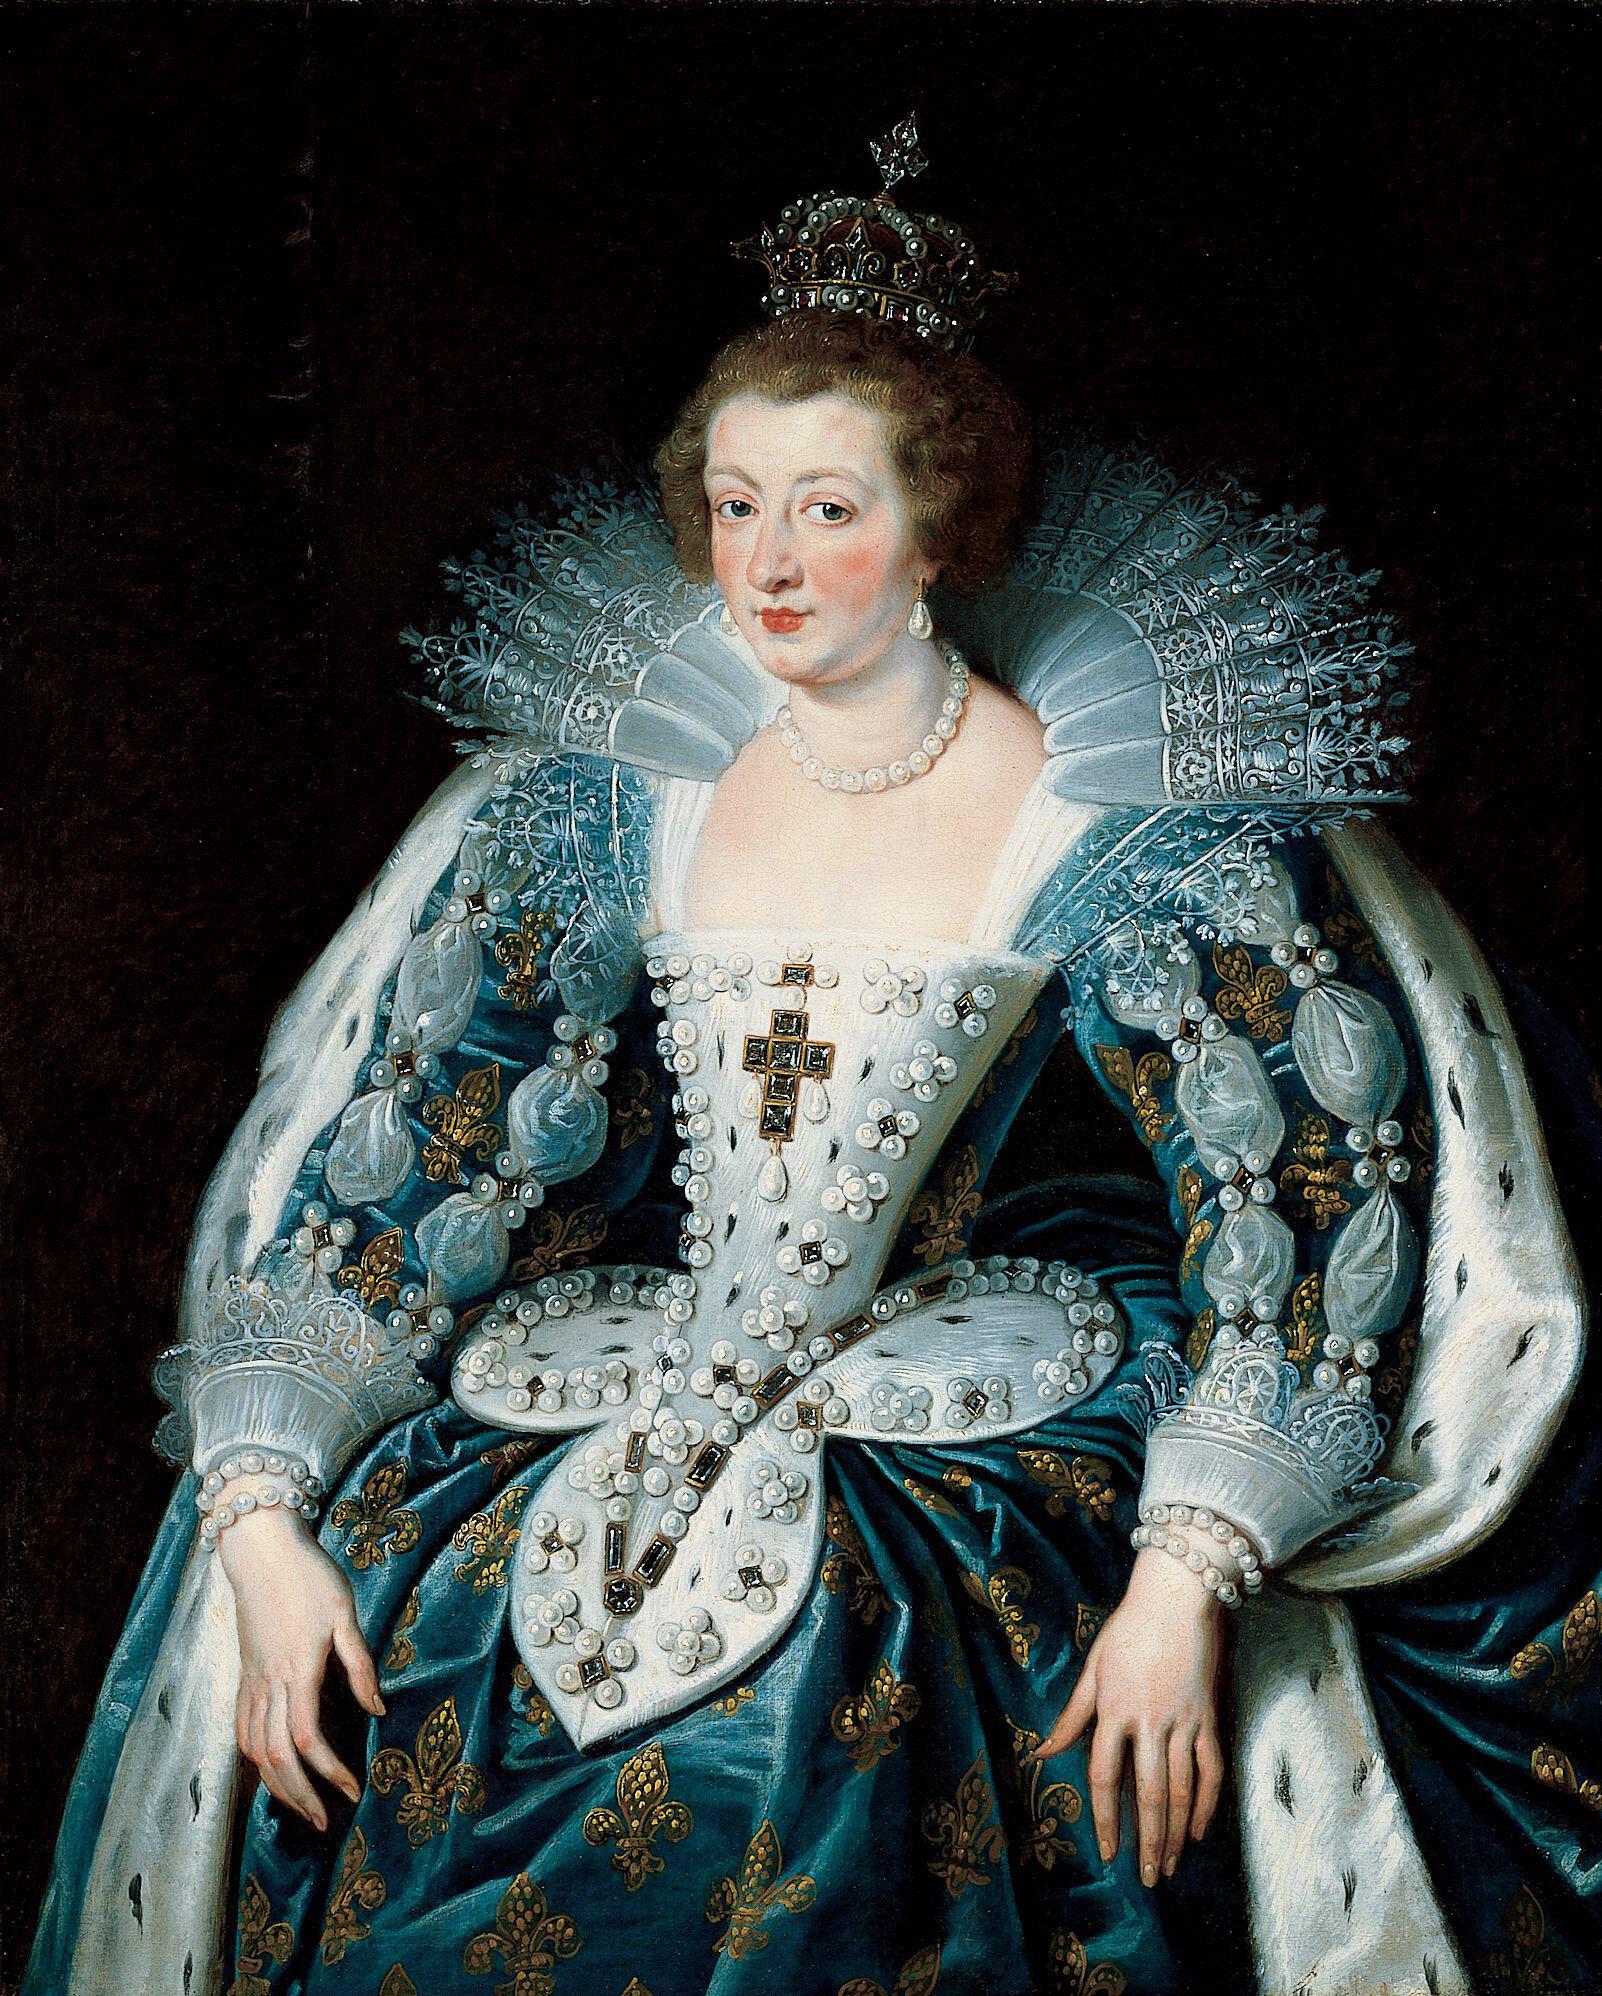 Ausztrai Anna Rubens festményén (forrás: Wikipedia)